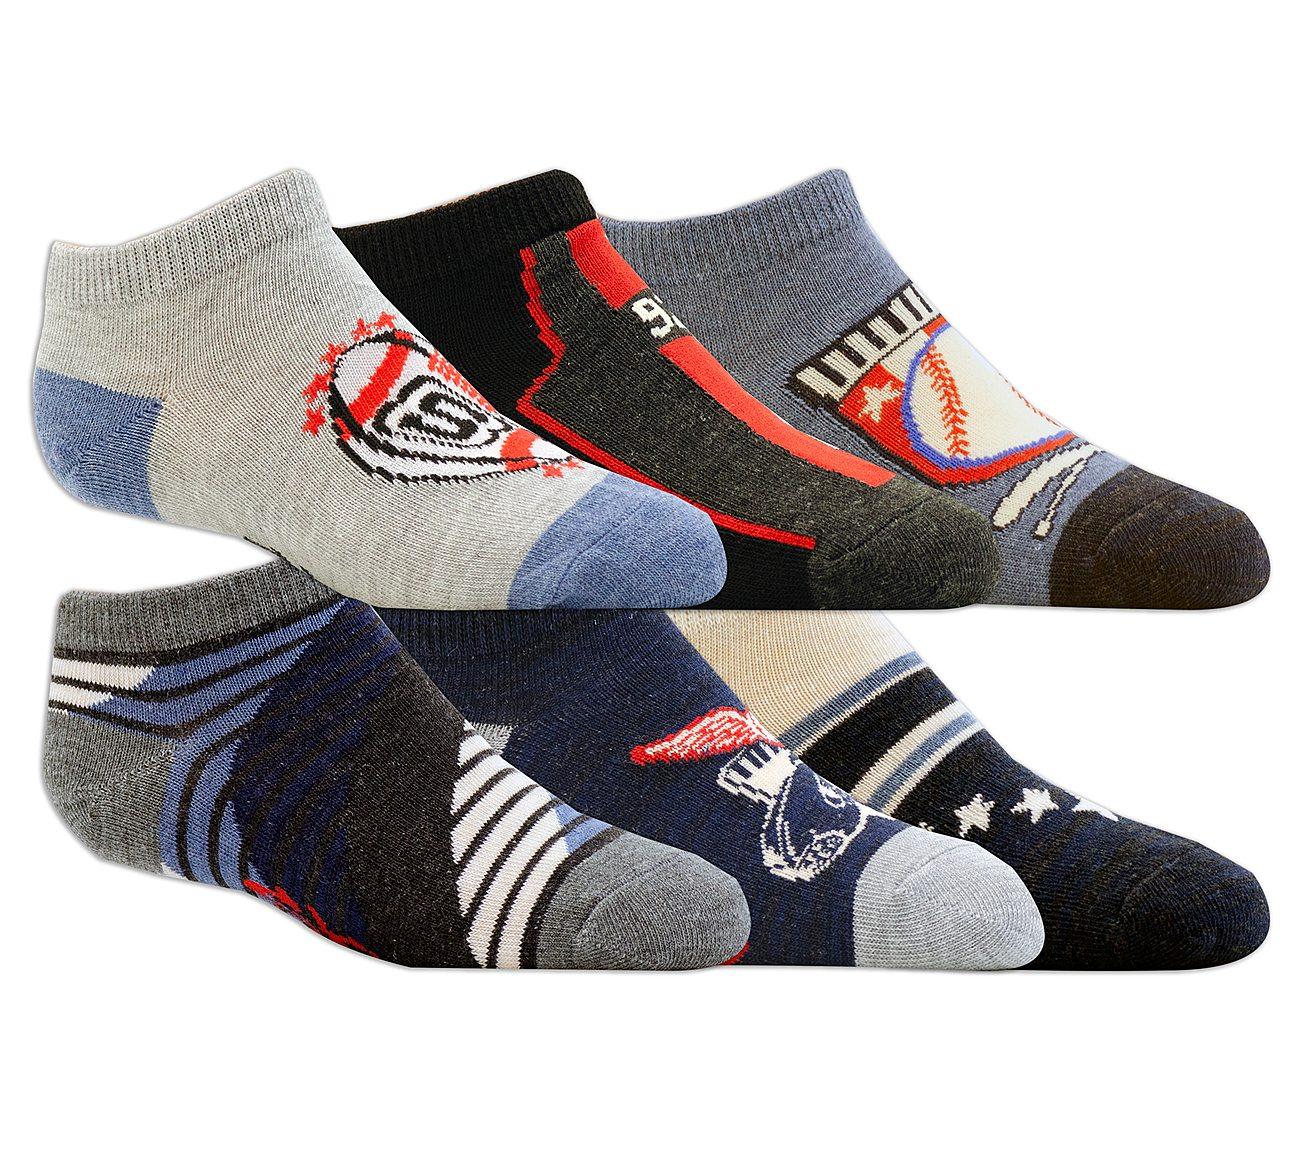 6 Pack Low Cut Sports Socks